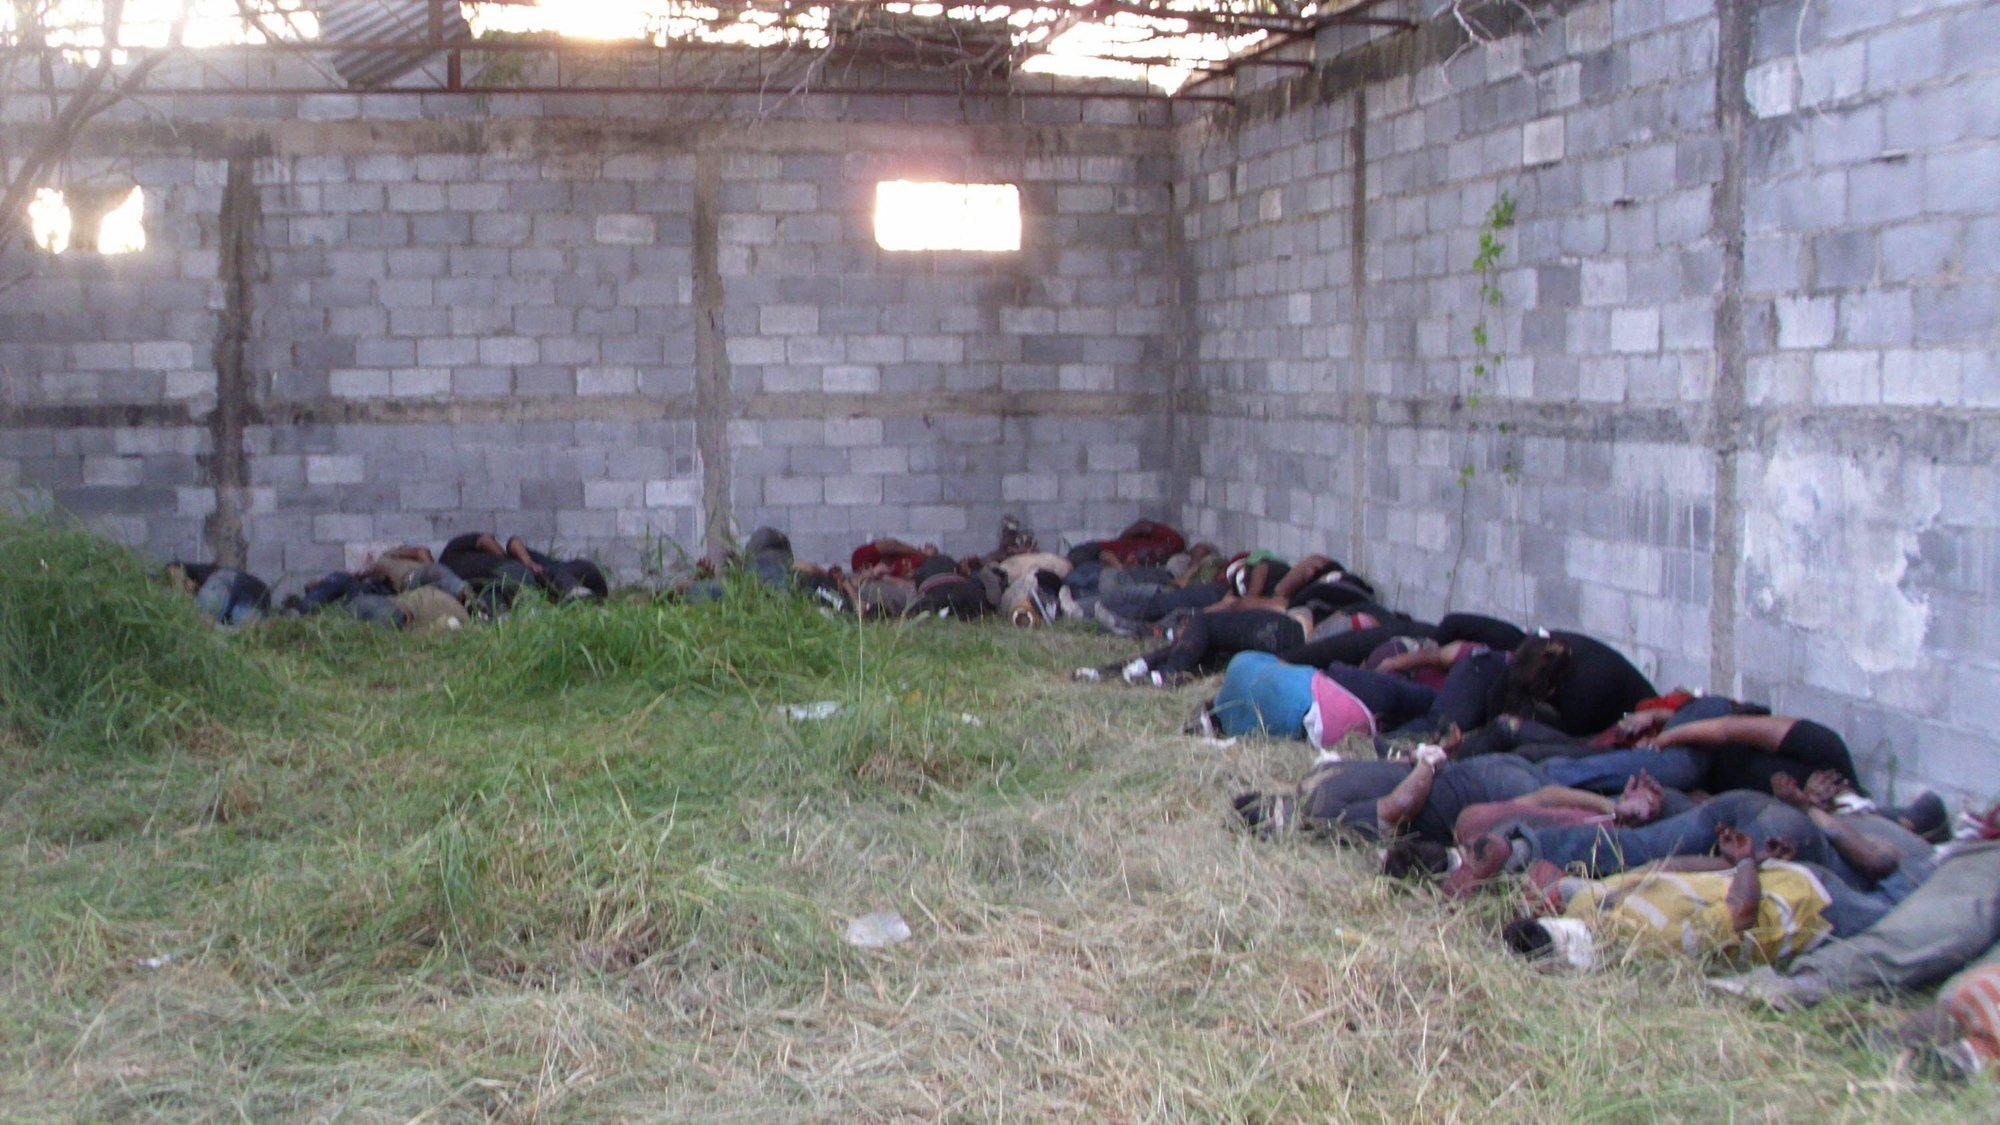 México dará compensación a 6 familias por masacre de migrantes de 2010